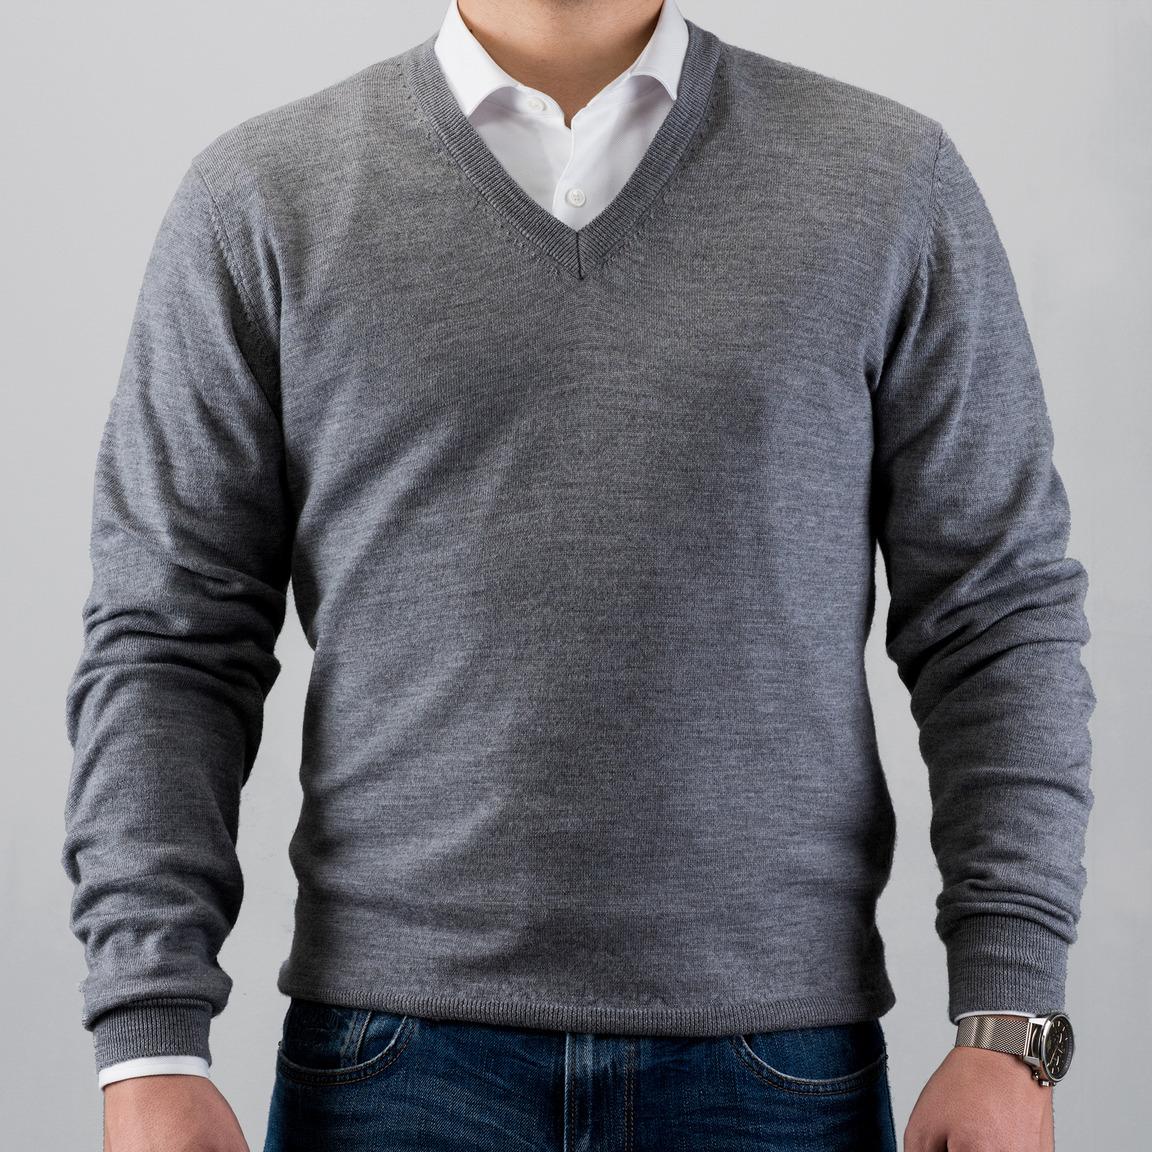 Pullover mit V-Ausschnitt aus Merinowolle, grau